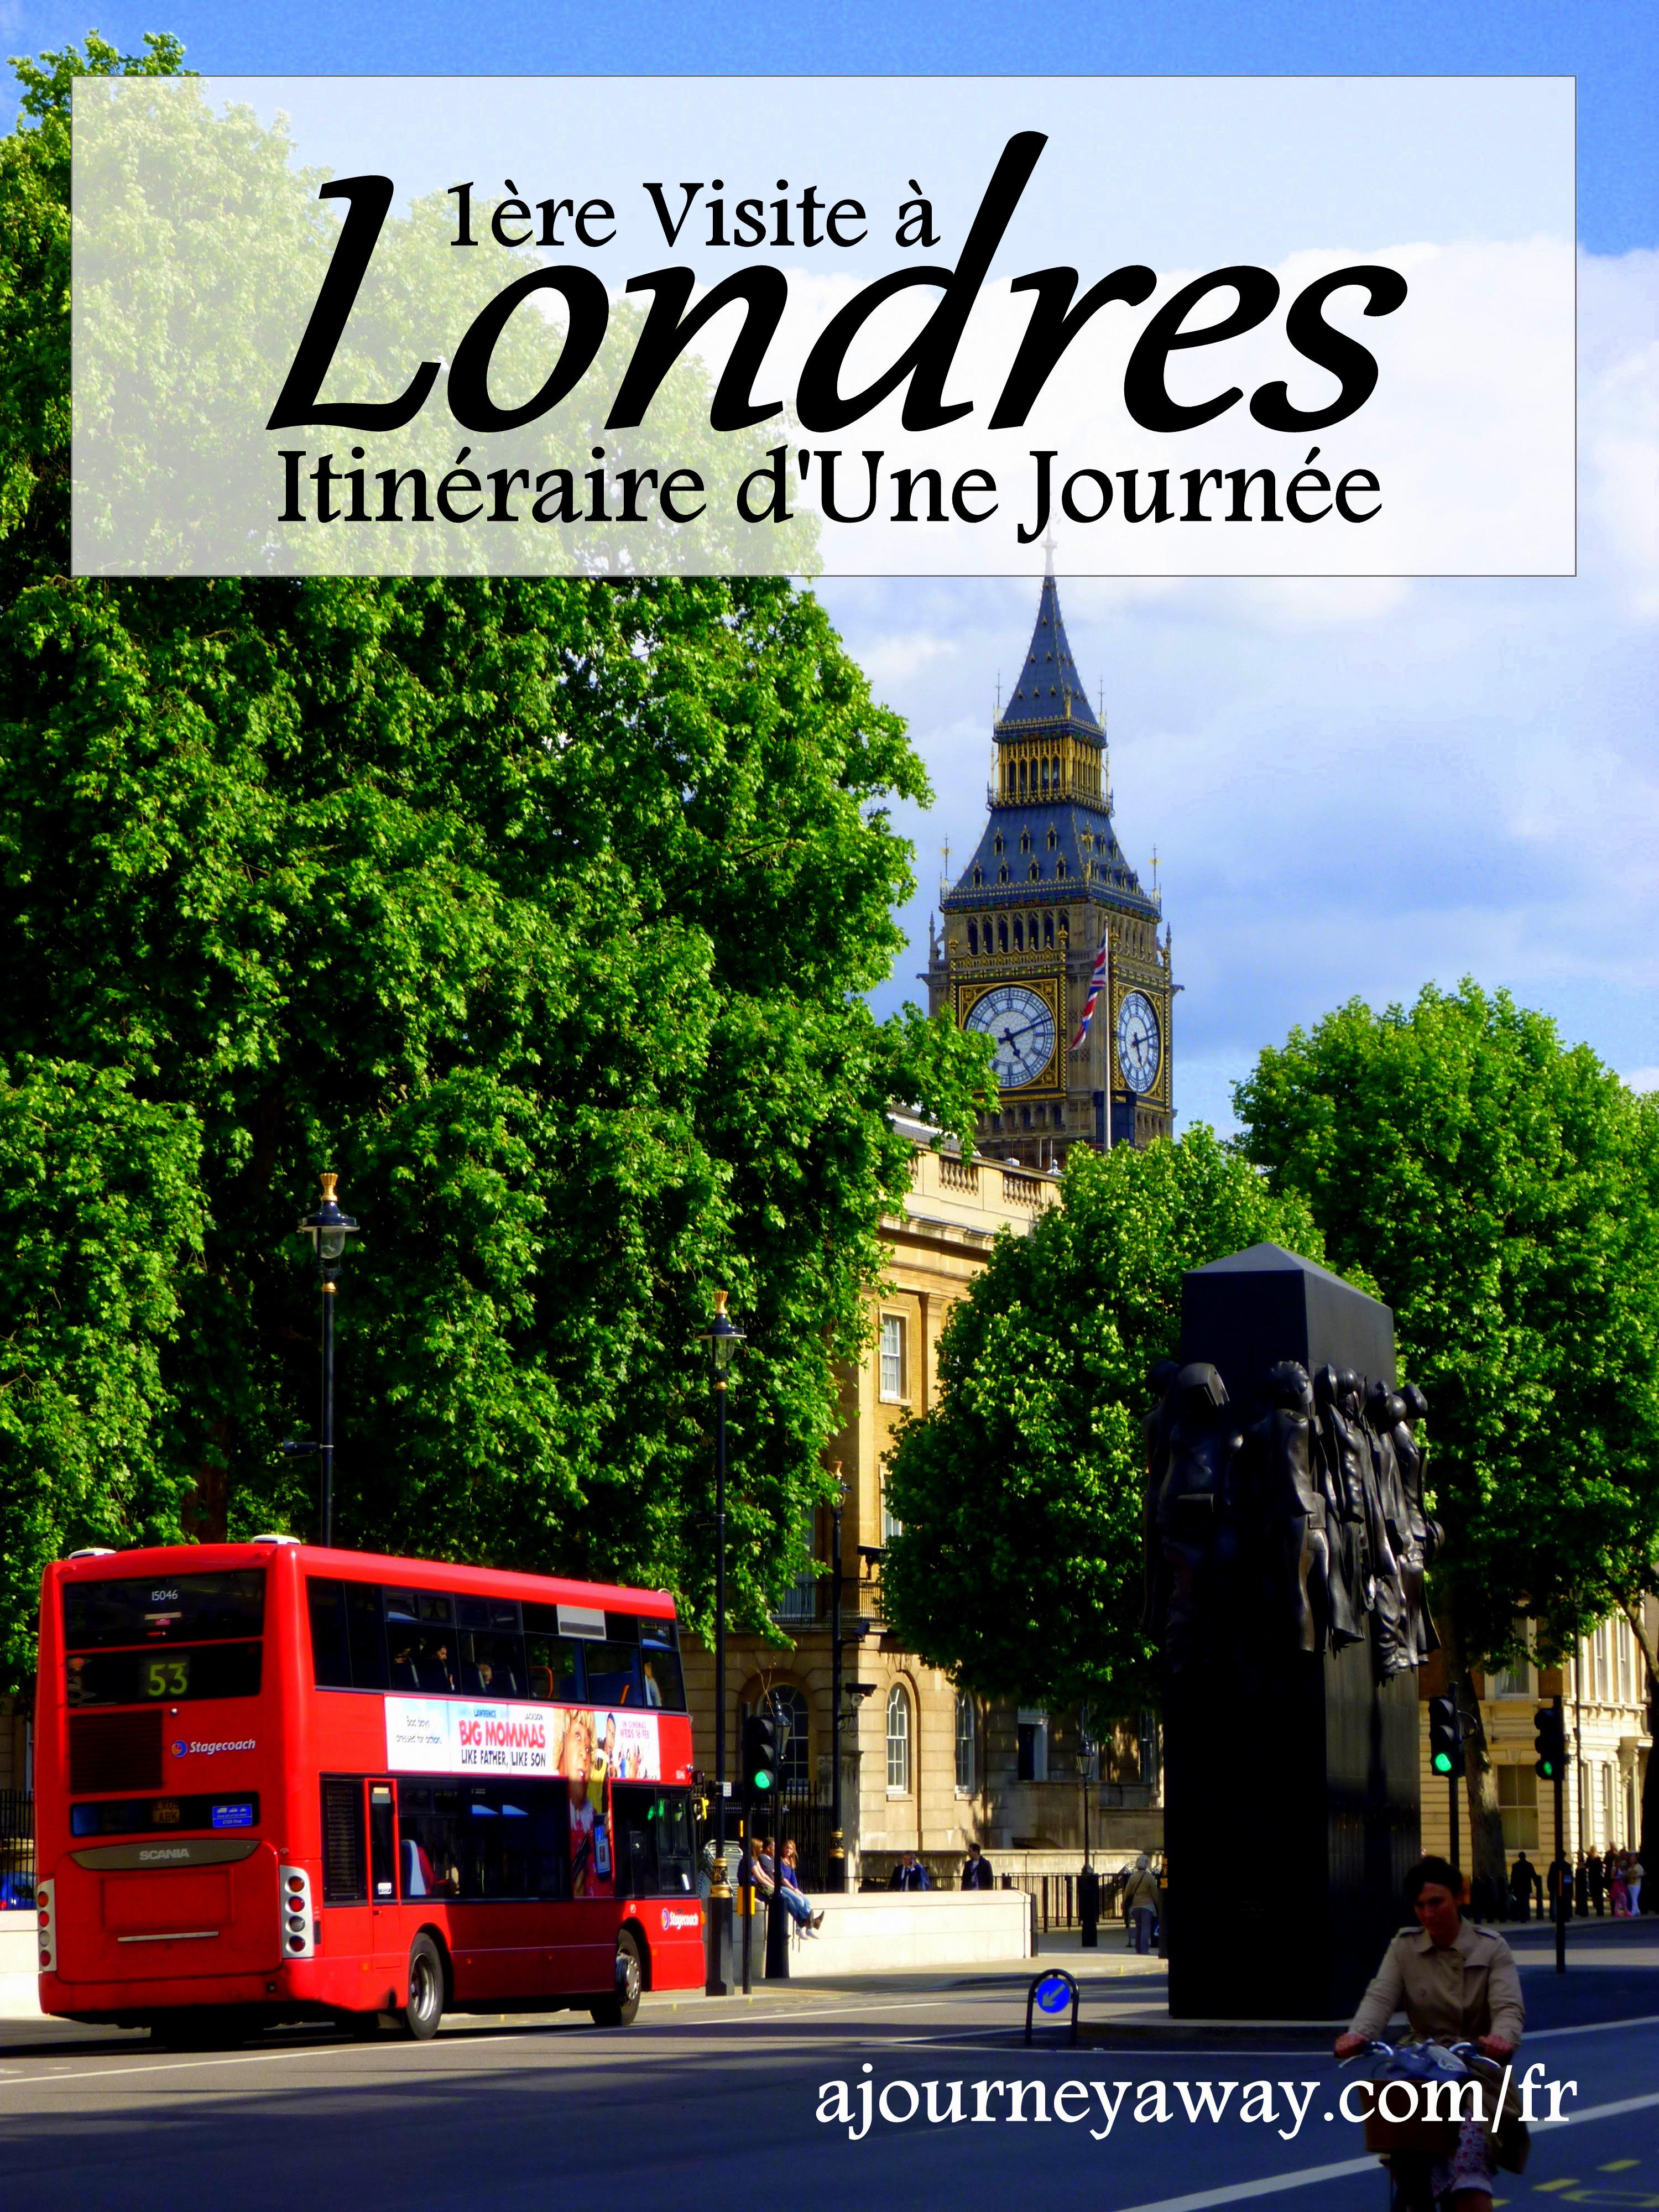 Itinéraire d'une journée à Londres